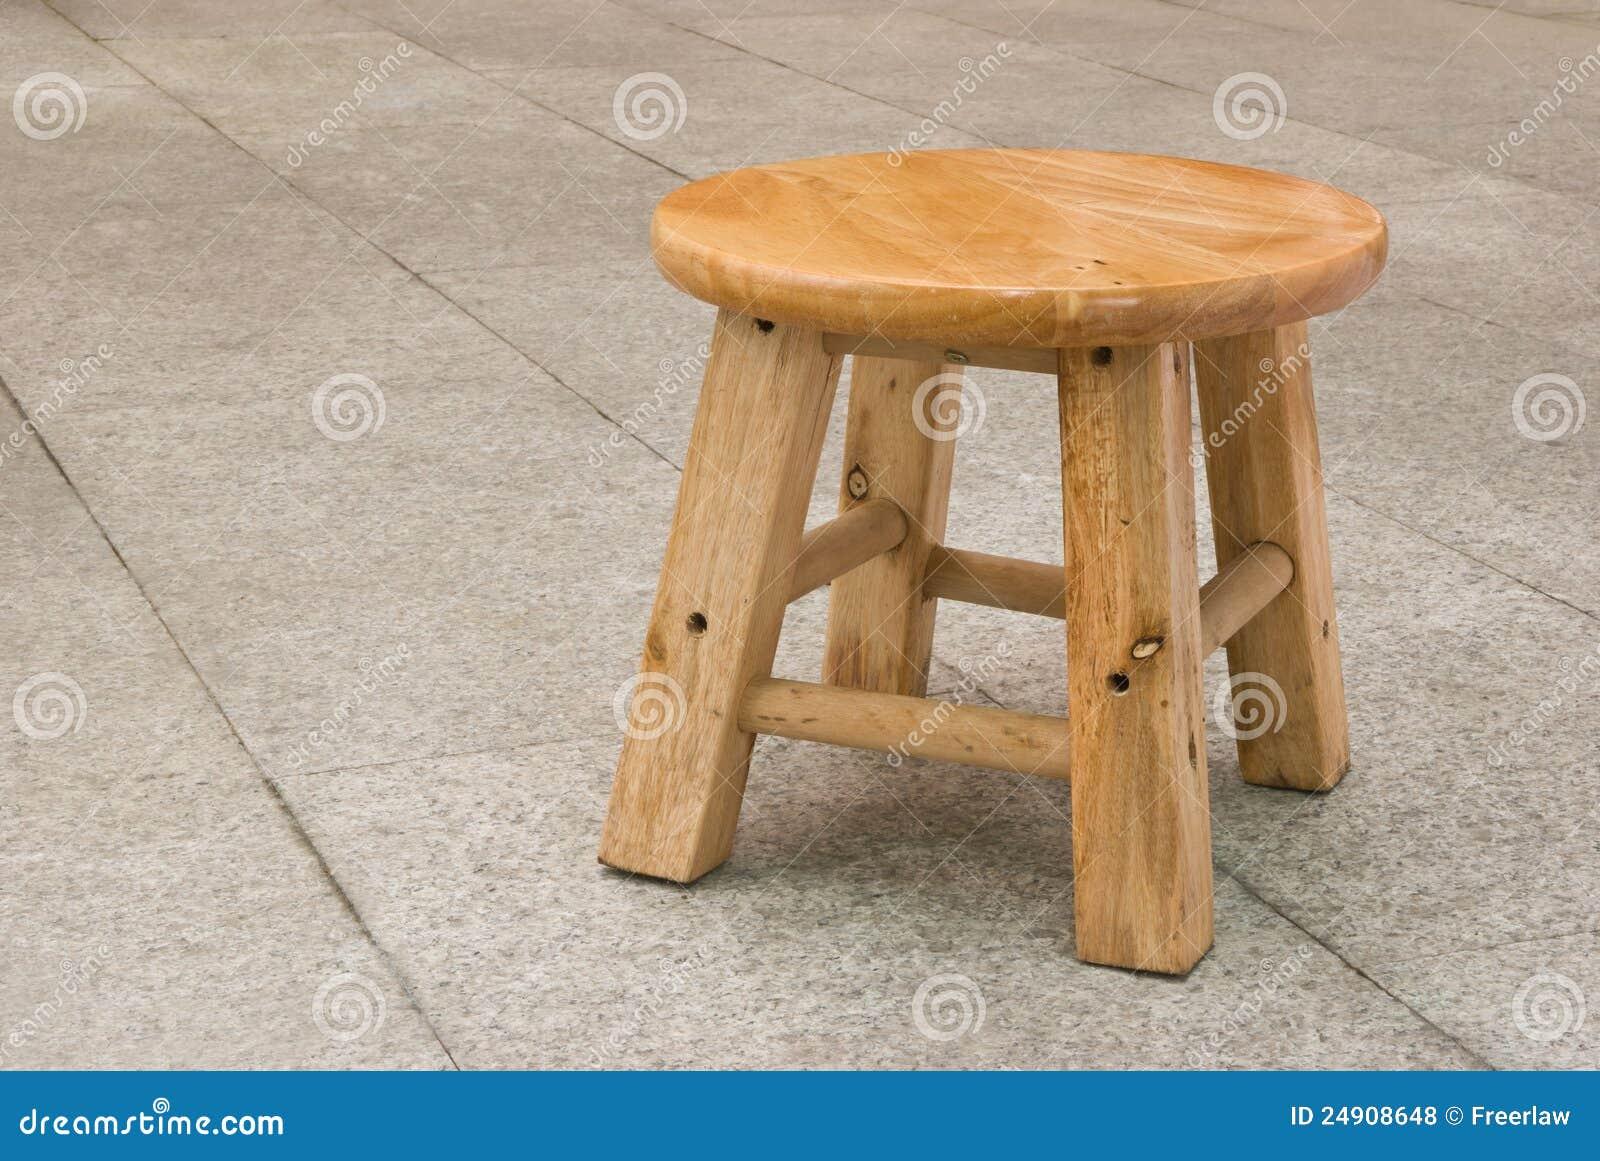 Silla de madera fotos de archivo libres de regal as for Imagenes de sillas de madera